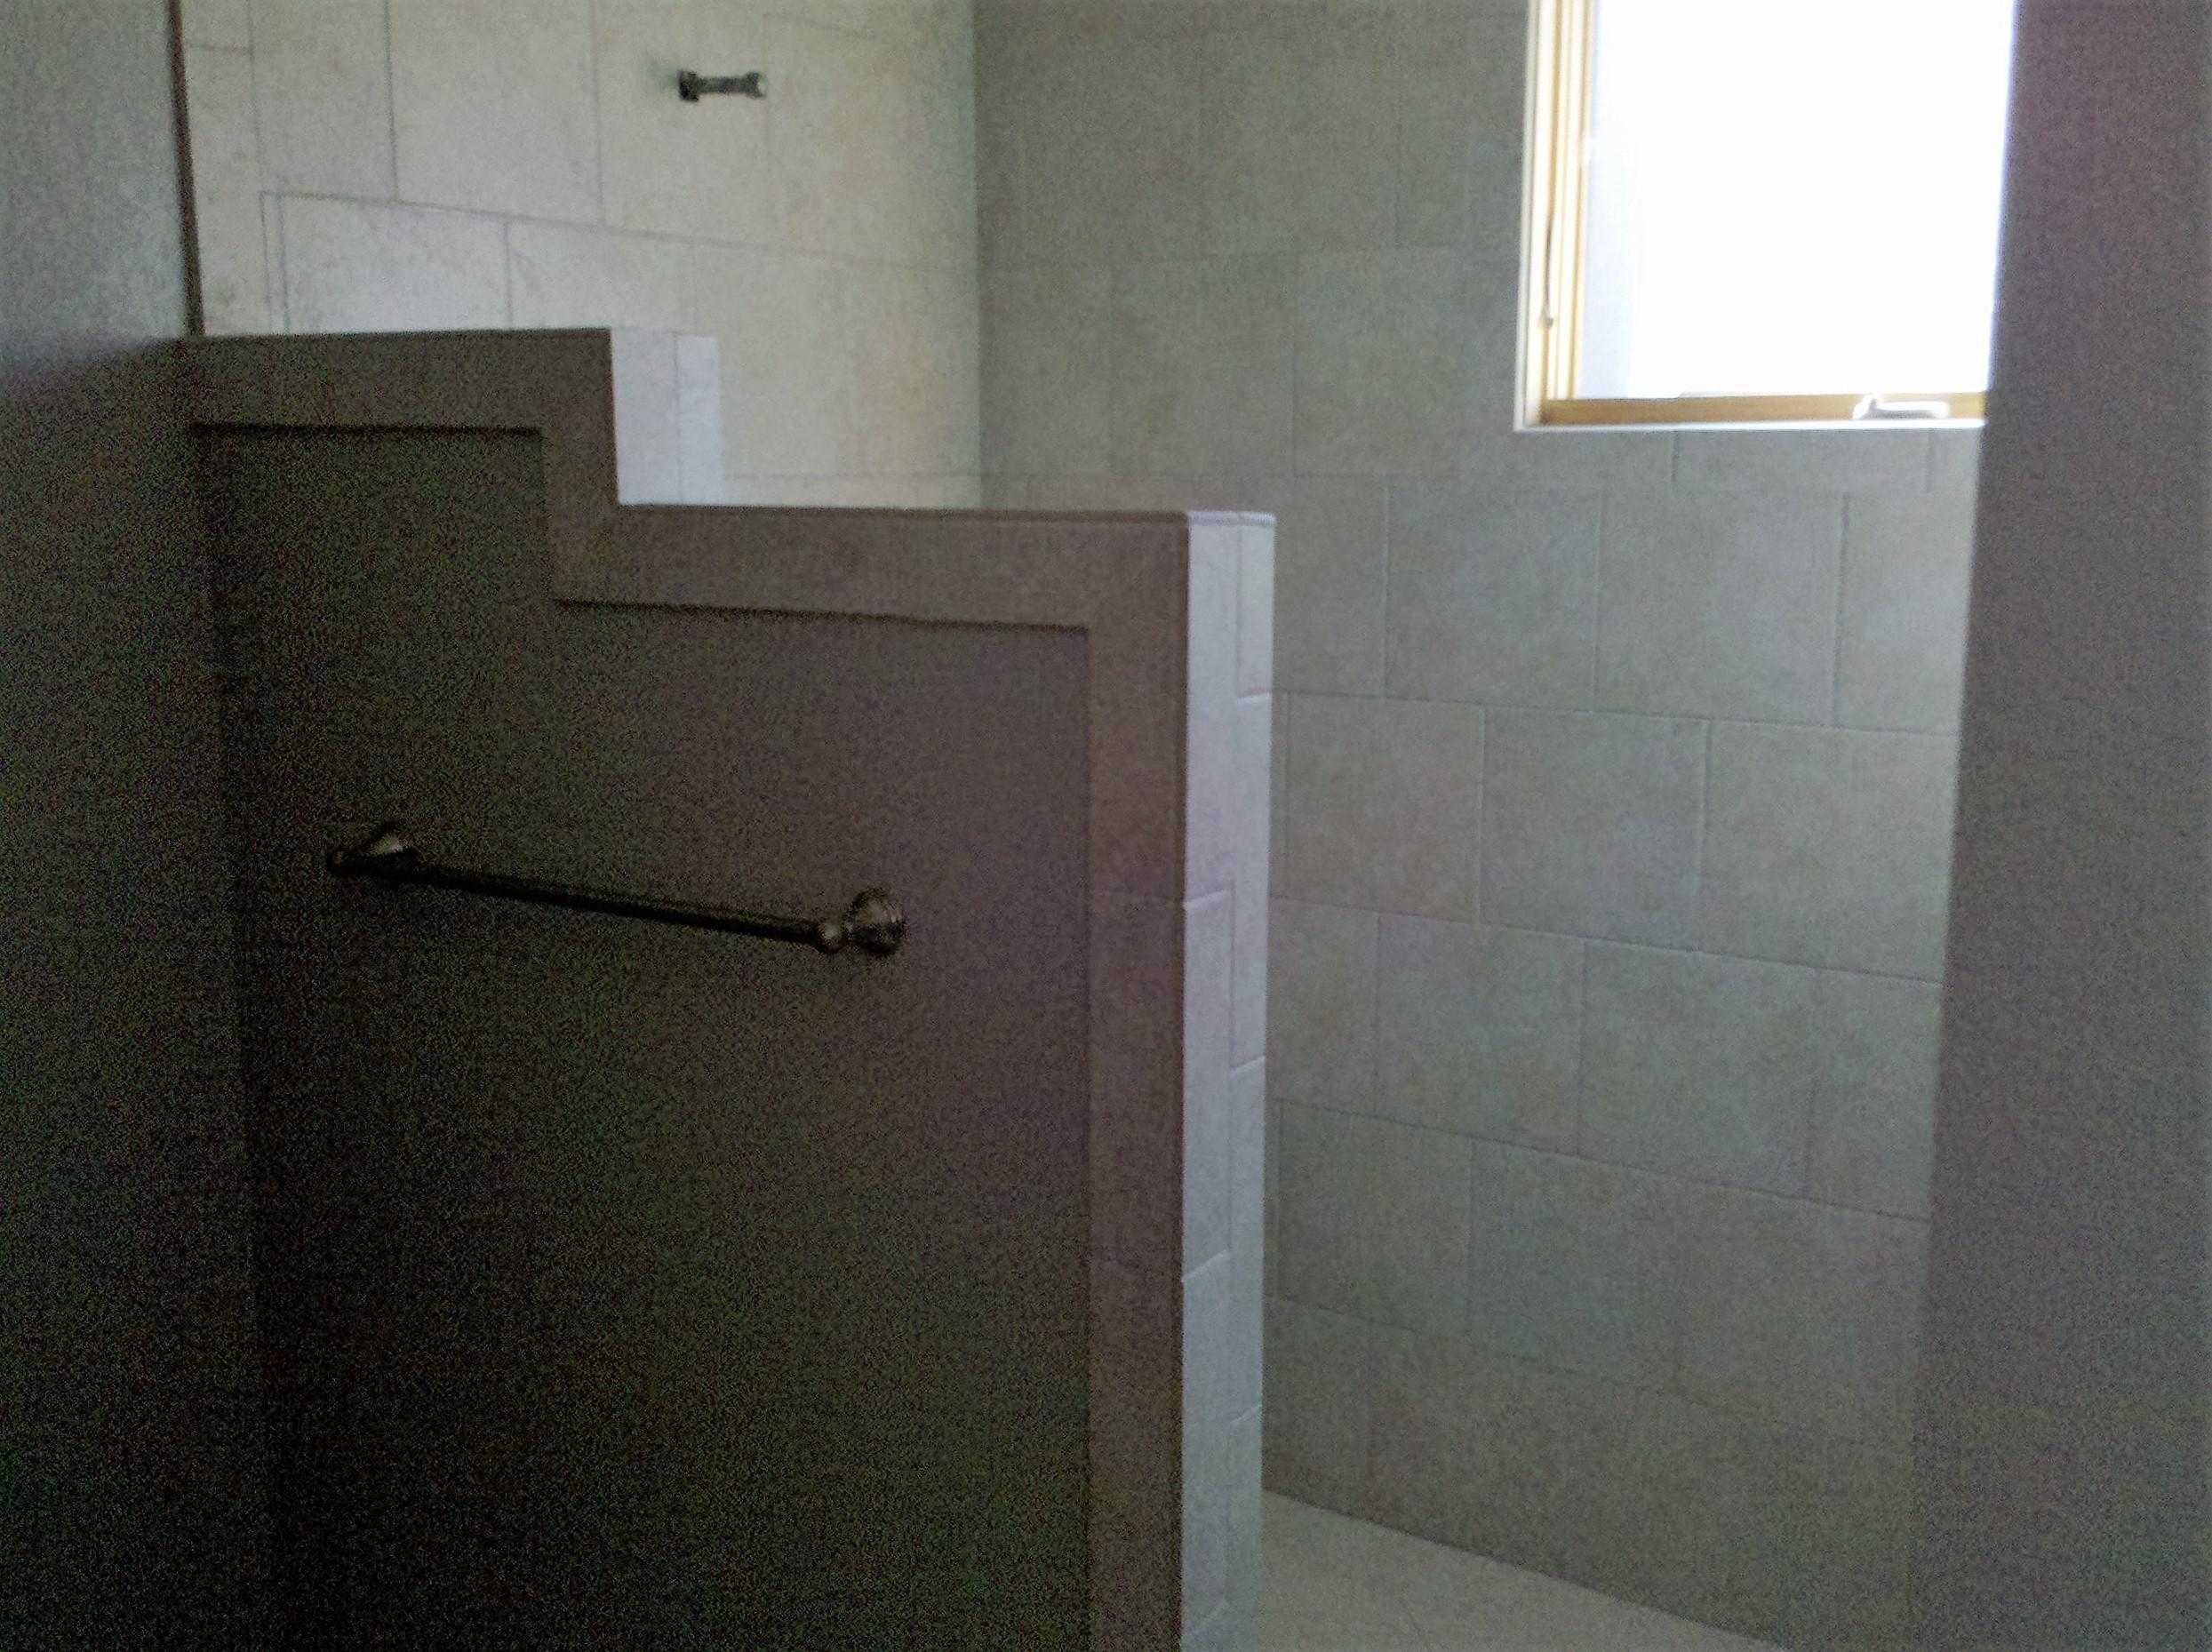 construction photos 069